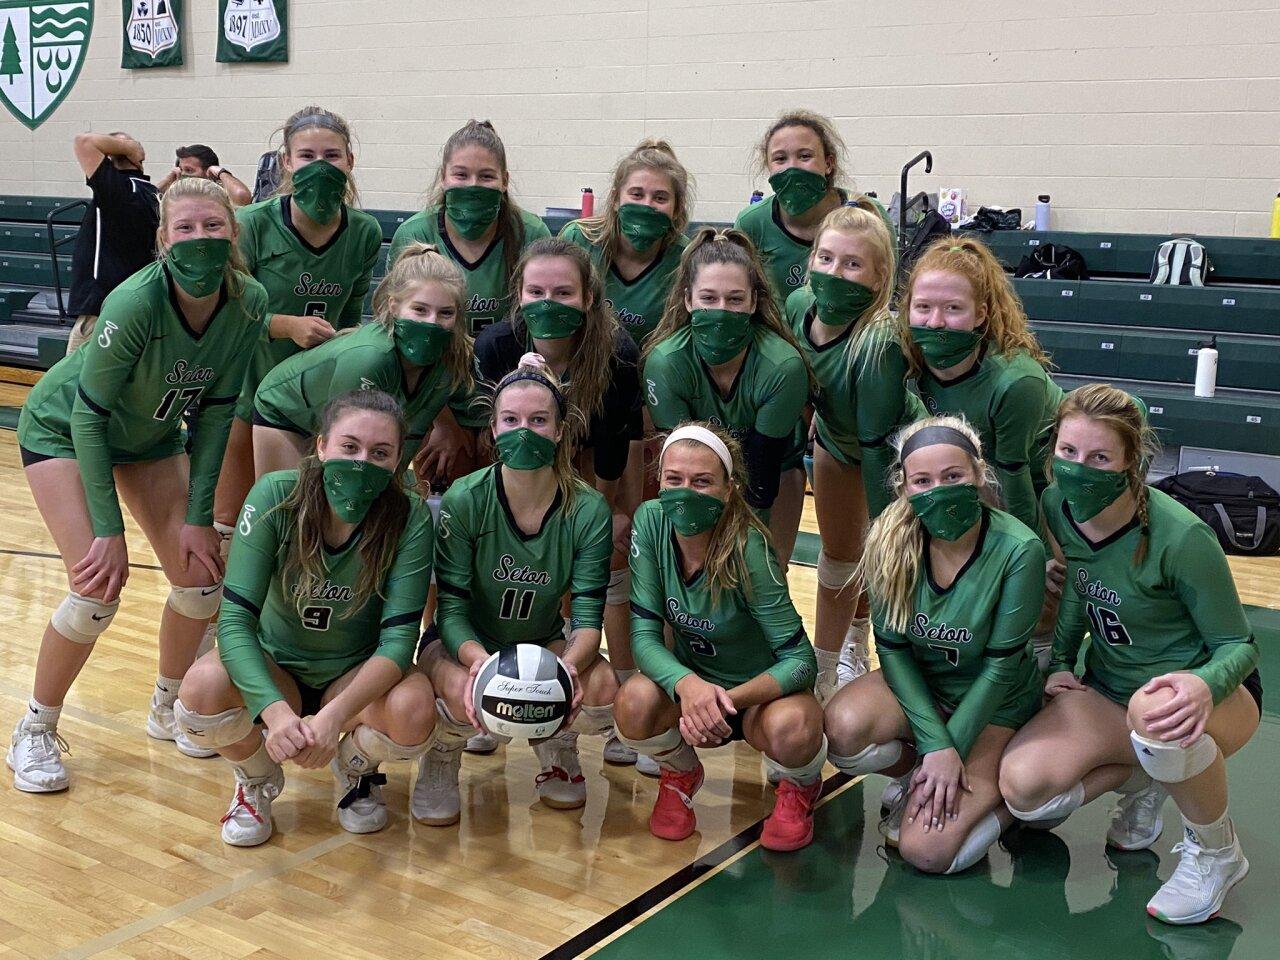 2020 Varsity Team Photo.jpg